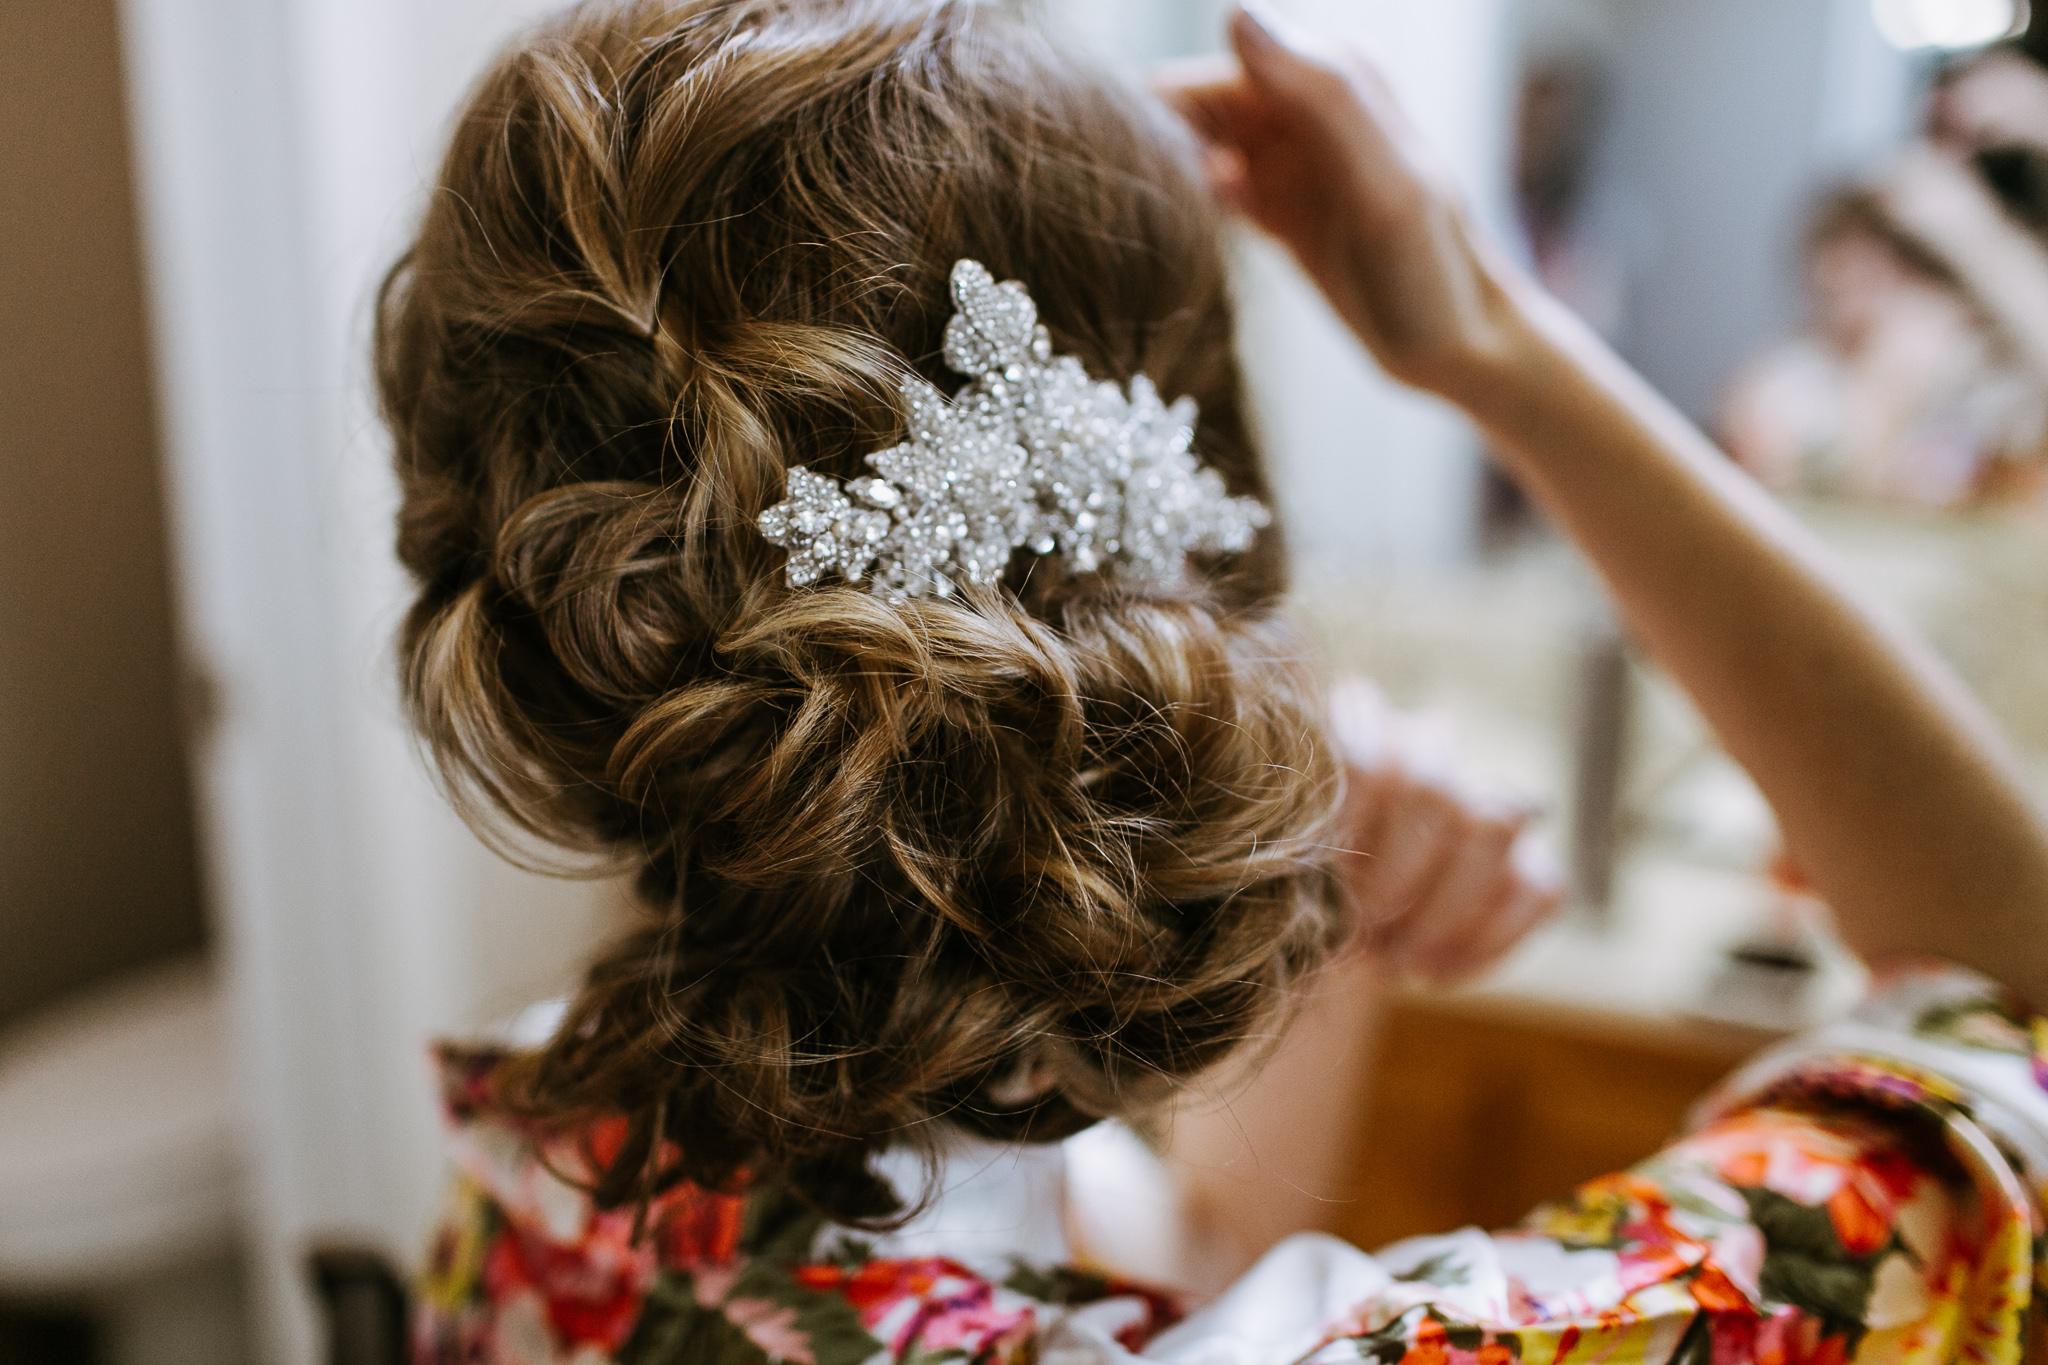 BayArea-Wedding-Photographer-4.jpg